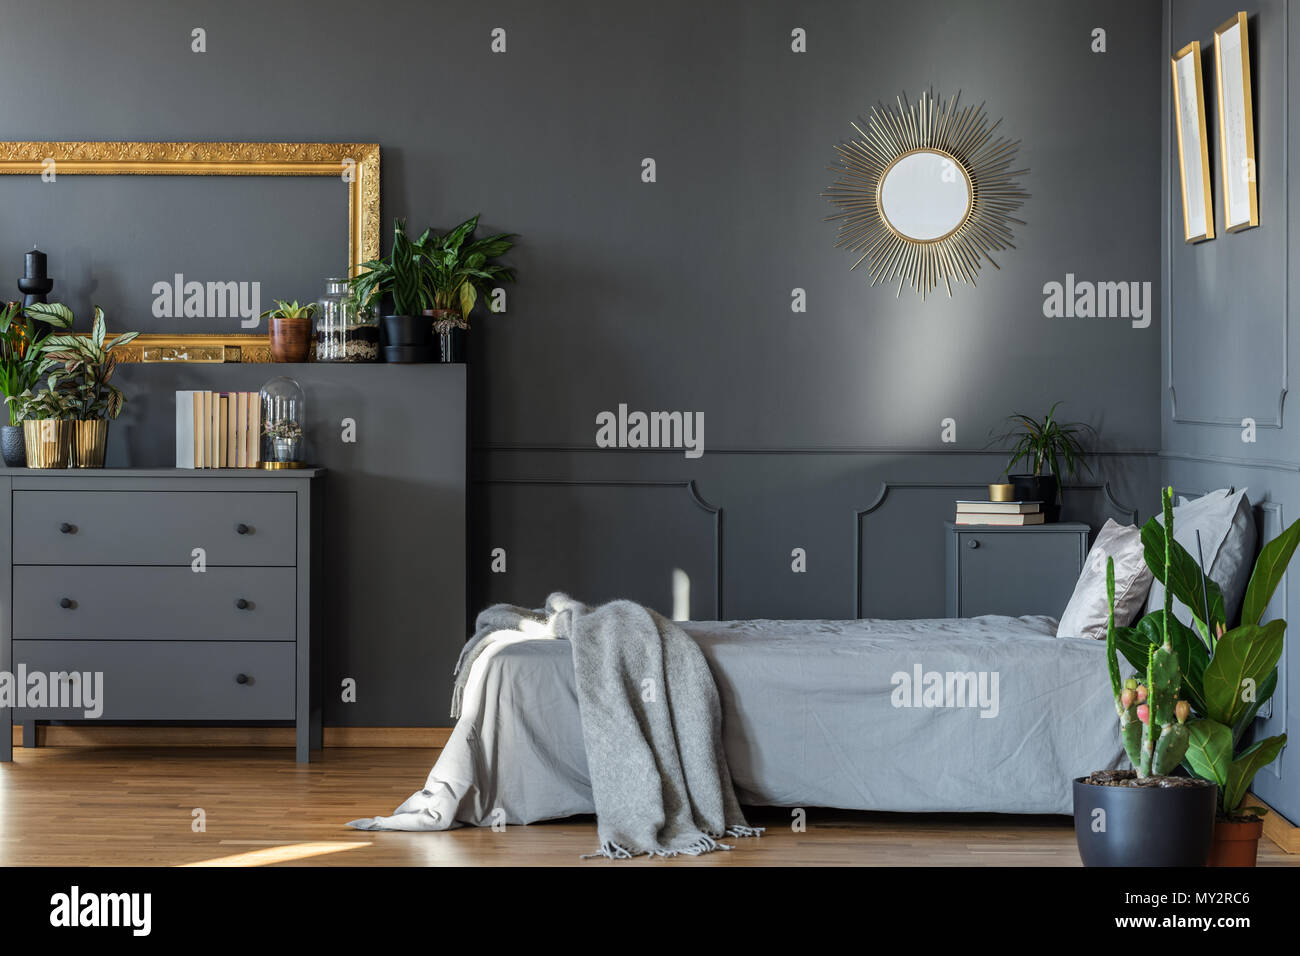 Credenza Da Muro : Uno specchio decorativo appesi al muro in grigio scuro interiore